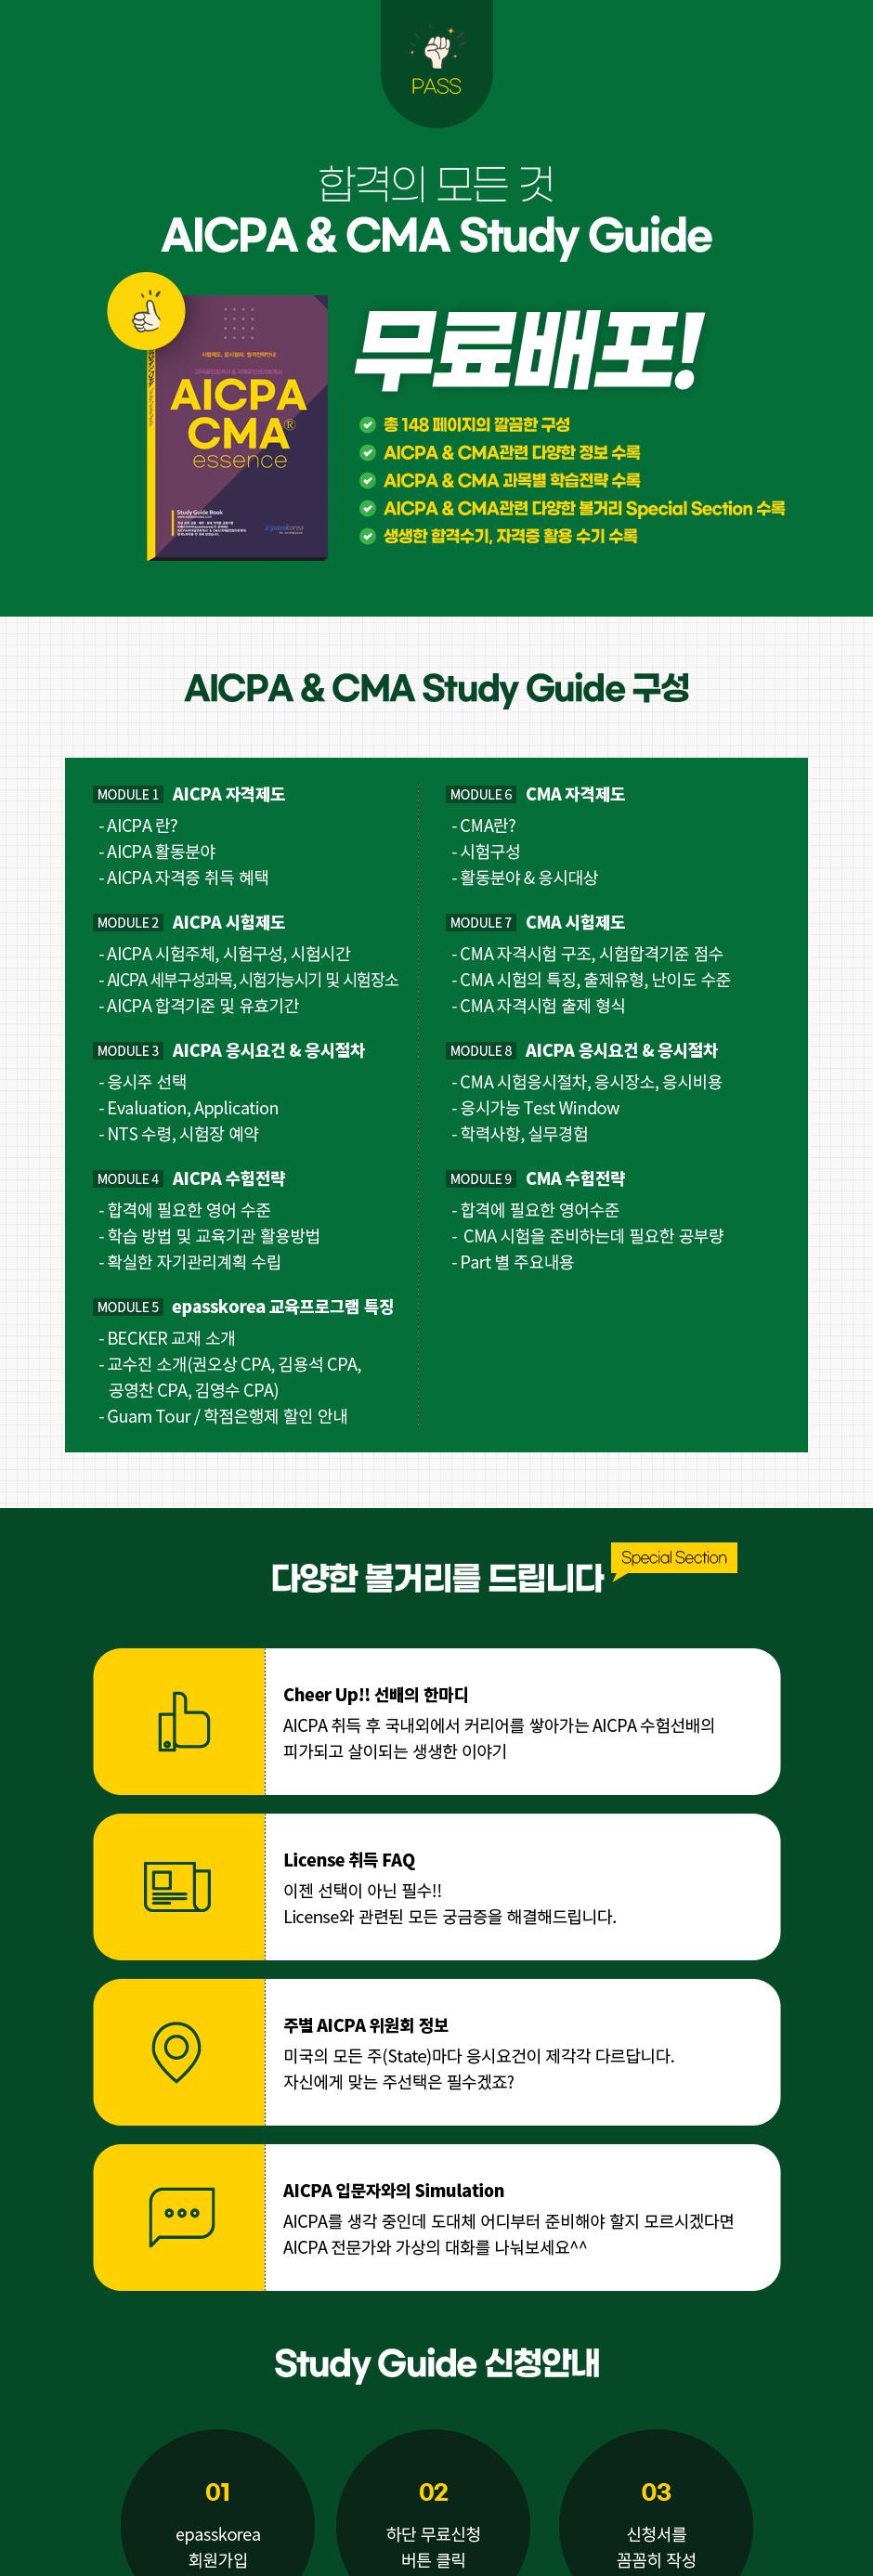 AICPA & CMA Study Guide 무료 배포